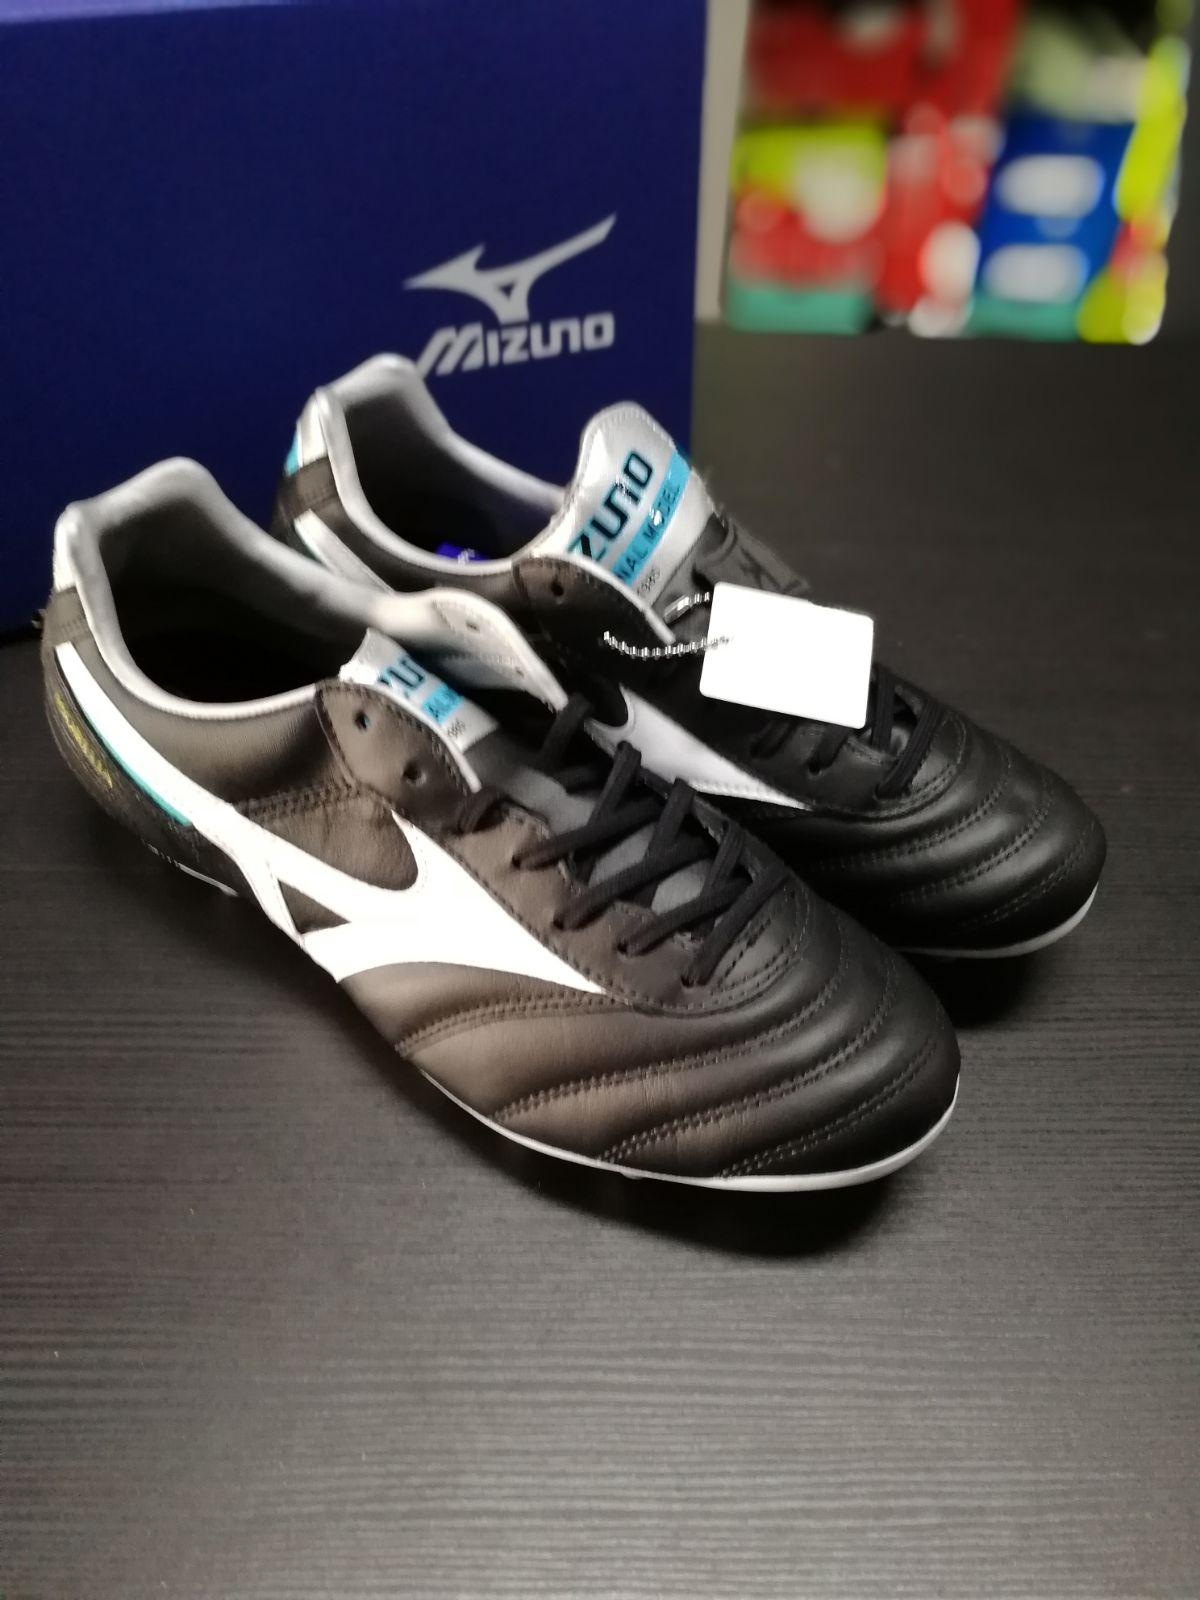 Football-shoes-Mizuno-Scarpe-Calcio-Morelia-II-MD-FG-Nero-2018-Pelle-di-cangur miniatura 6